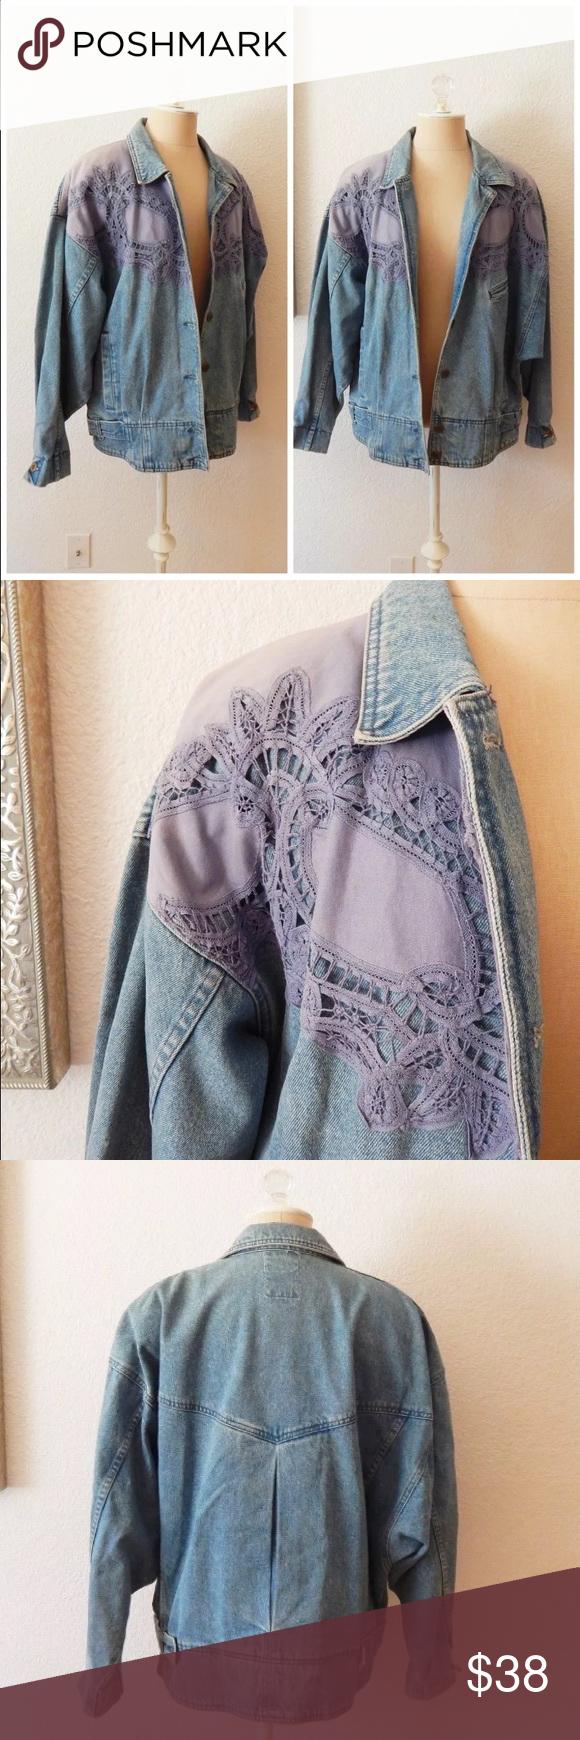 Vintage s hip hop lace denim jean jacket light denim denim